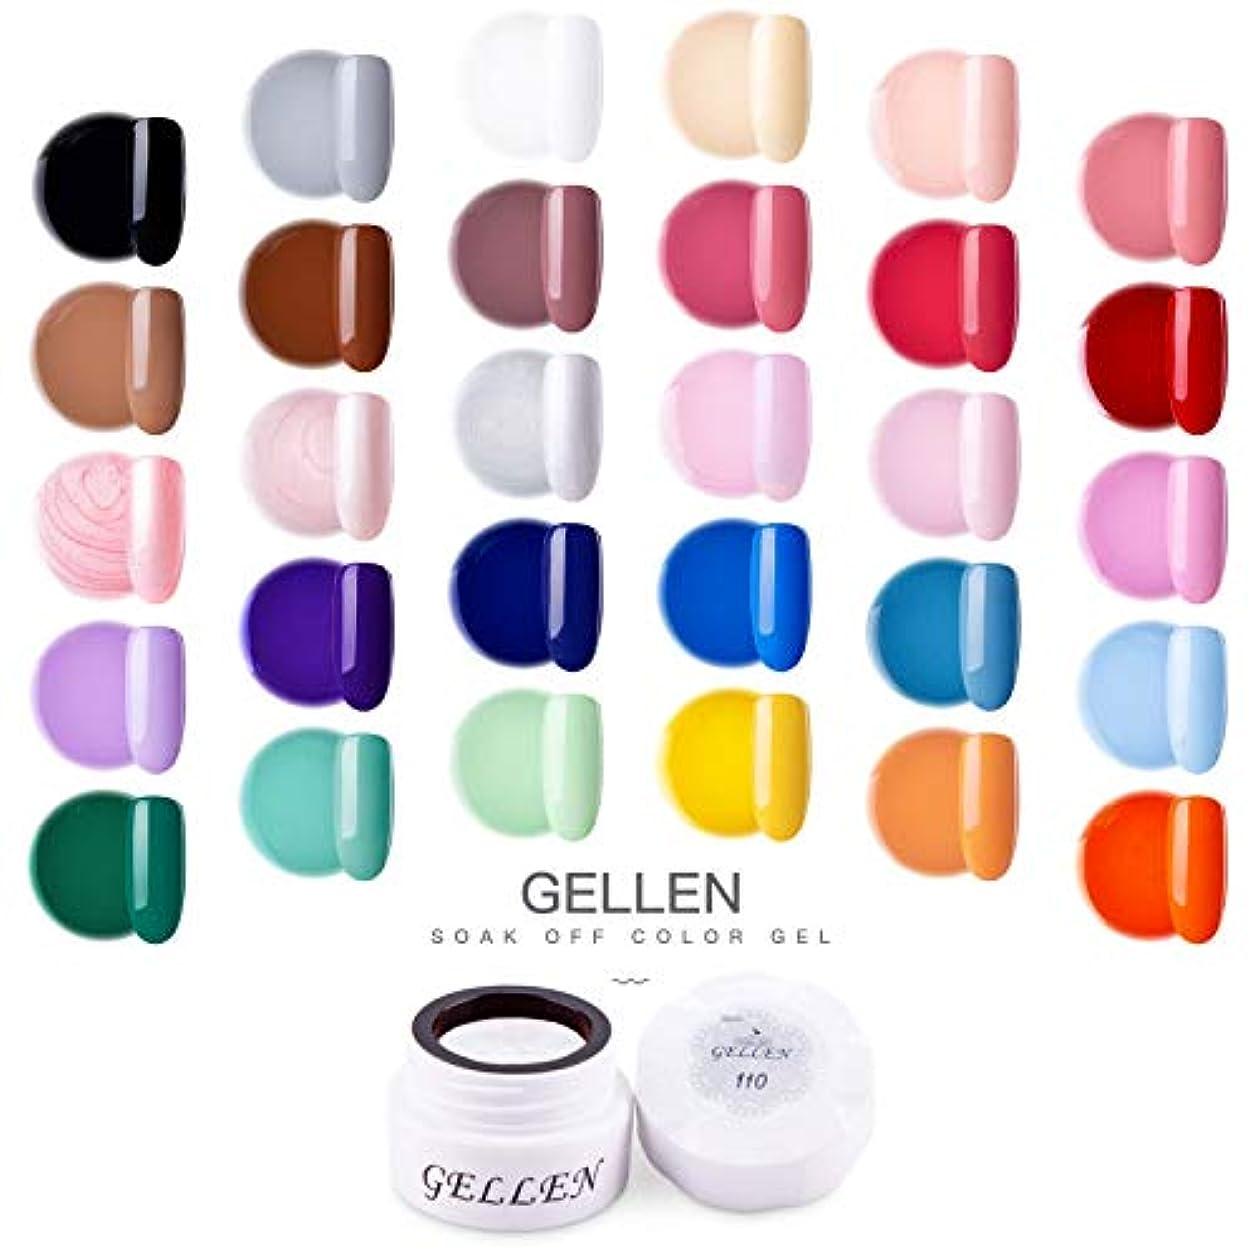 シルエットにおい舞い上がるGellen カラージェル 30色定番カラー セット 高品質 5g ジェルネイル カラー ネイルブラシ付き